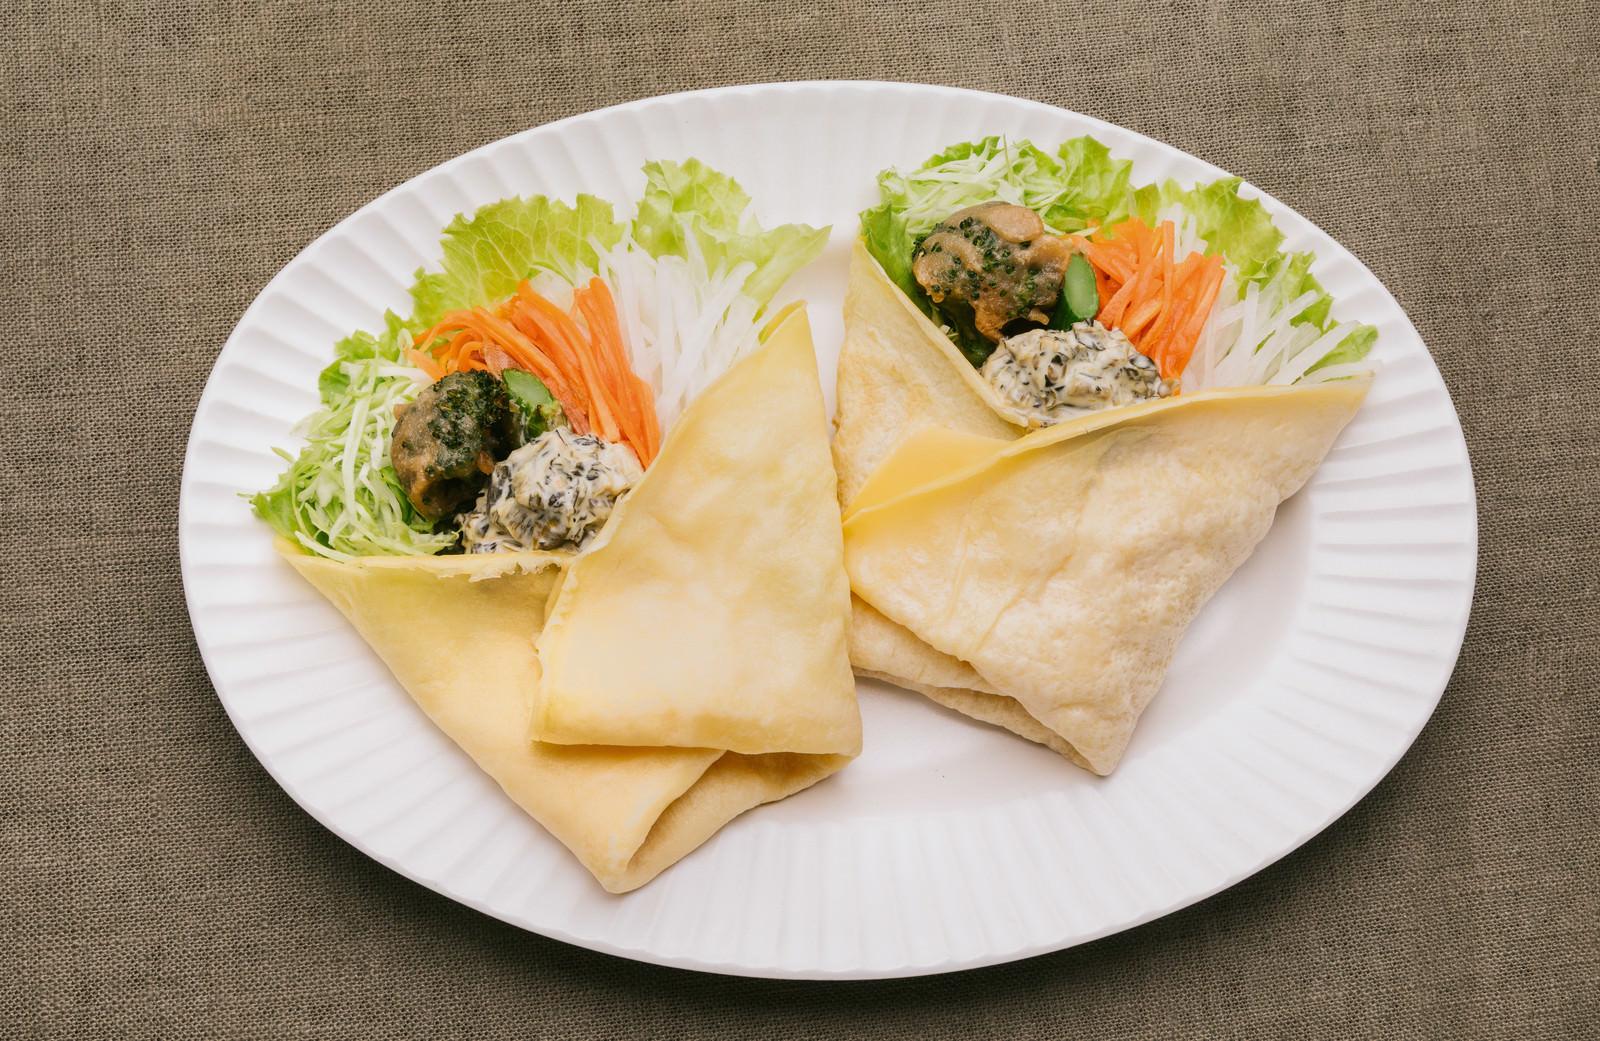 「スイーツのようなサラダ高菜タルタルで食べる「ベジクレープ」」の写真